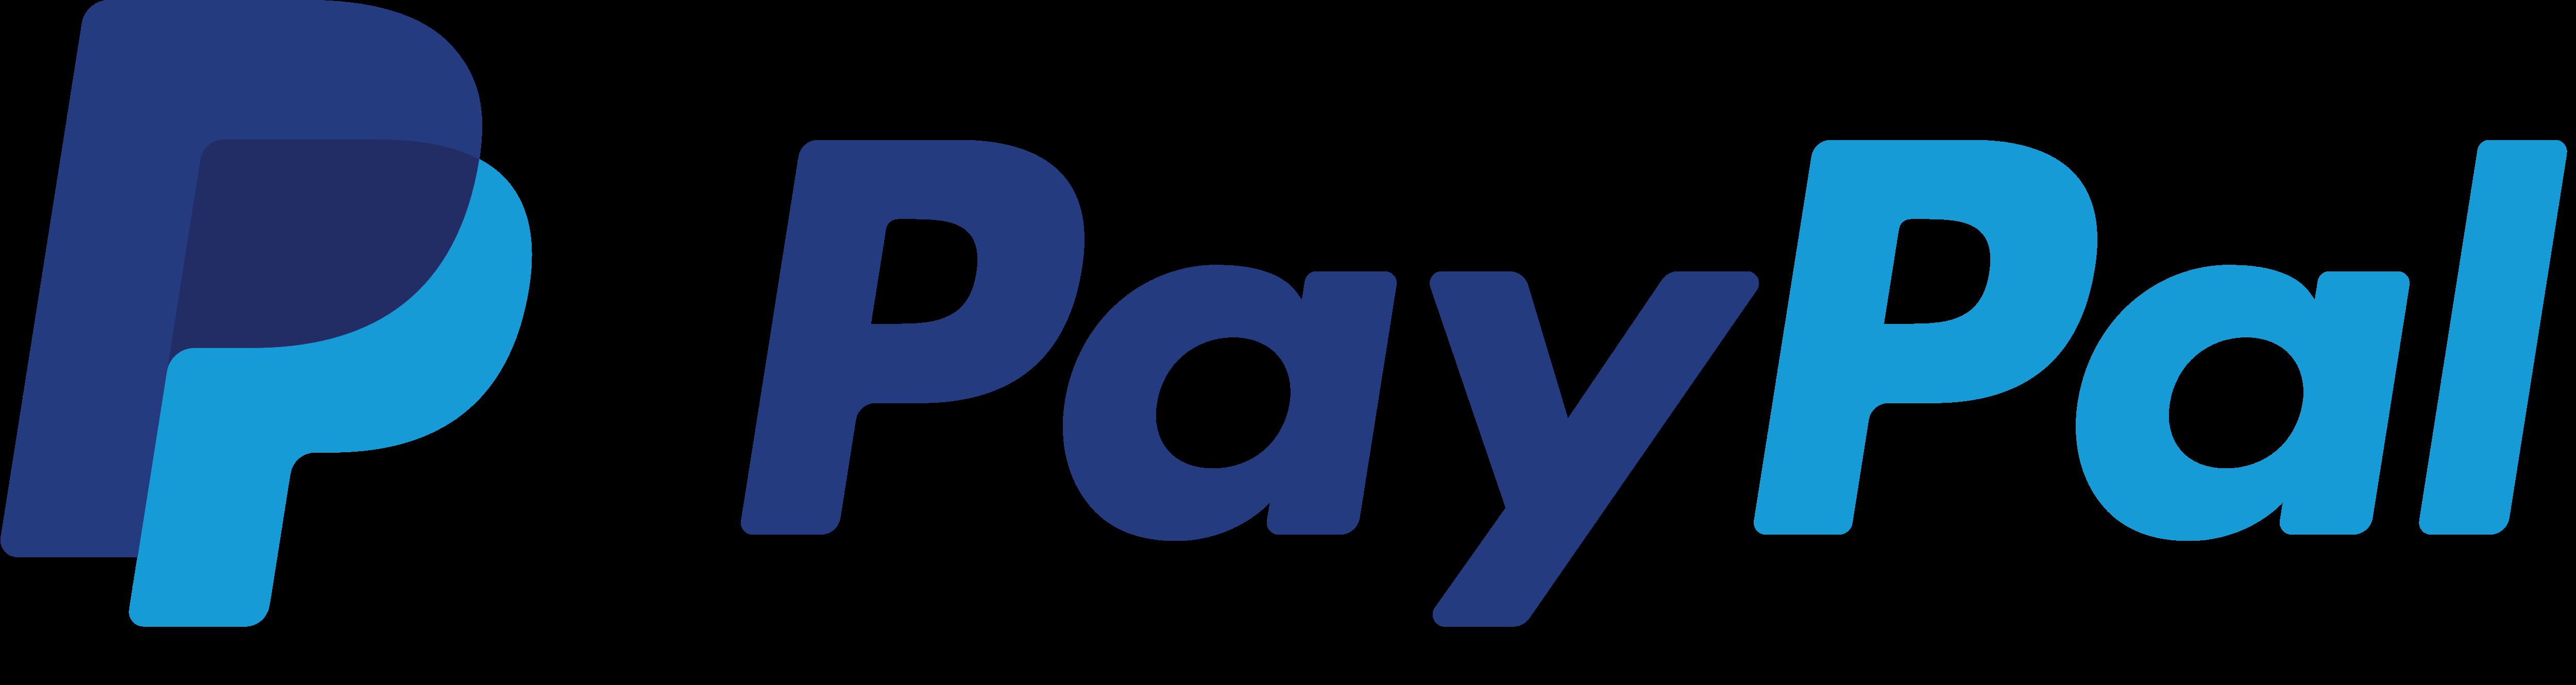 paypal-logotype-png-paypal-logo-logotype-emblem-5000